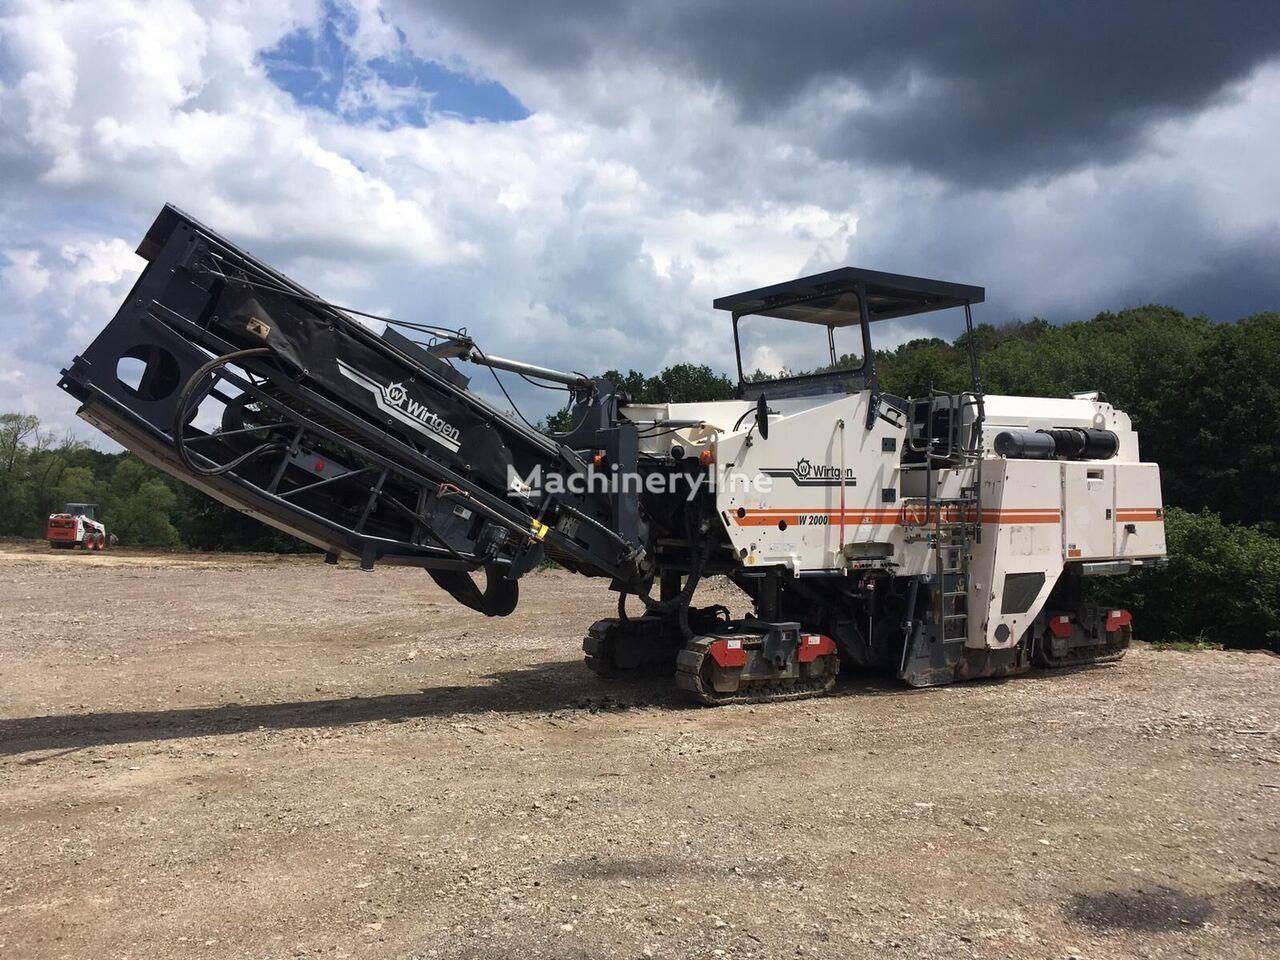 WIRTGEN W2000 asphalt milling machine